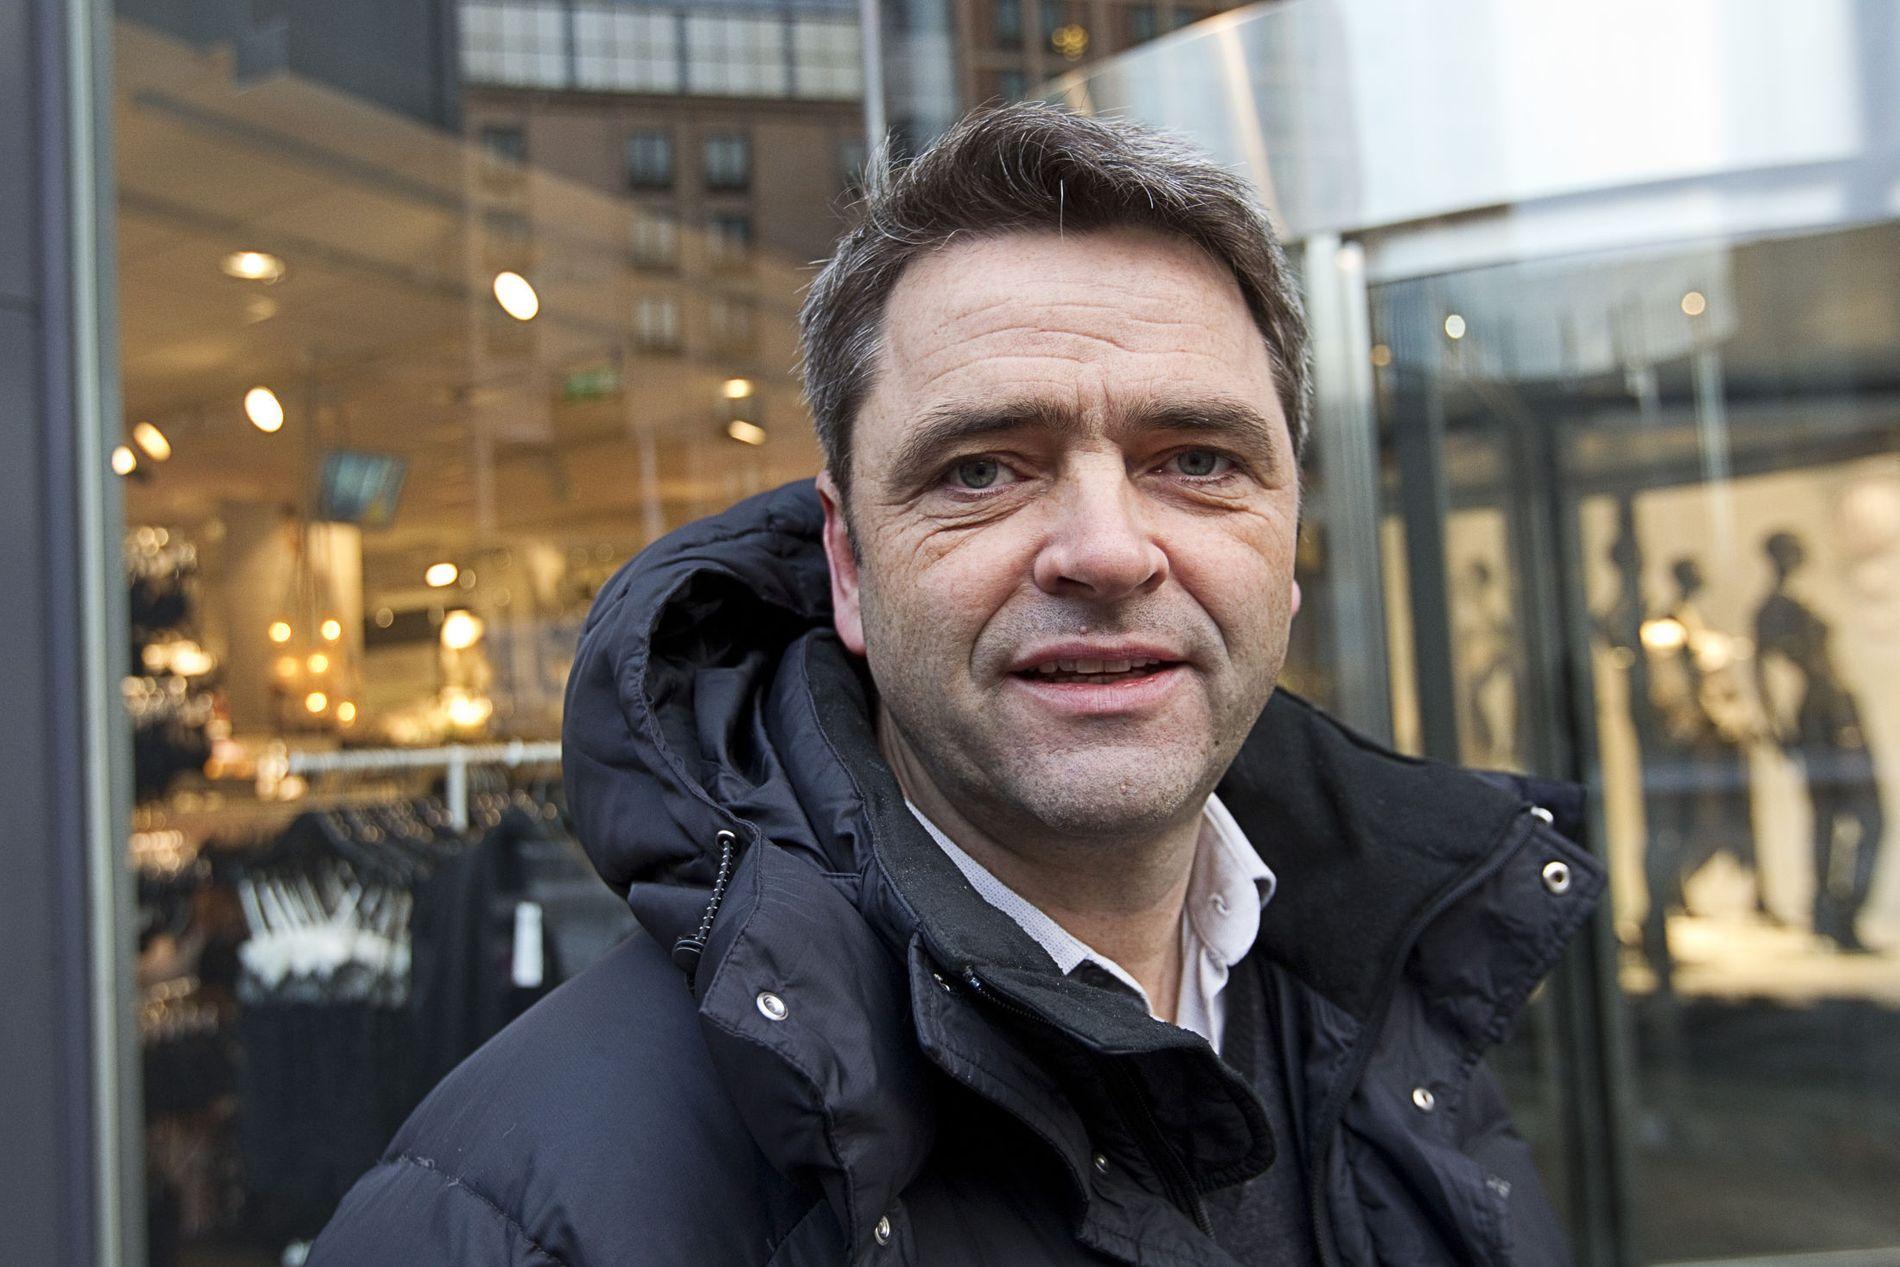 KRITISK: Forbrukerøkonom og programleder Magne Gundersen mener Bank Norwegian har gitt E24 et lån som er ødeleggende for økonomien.